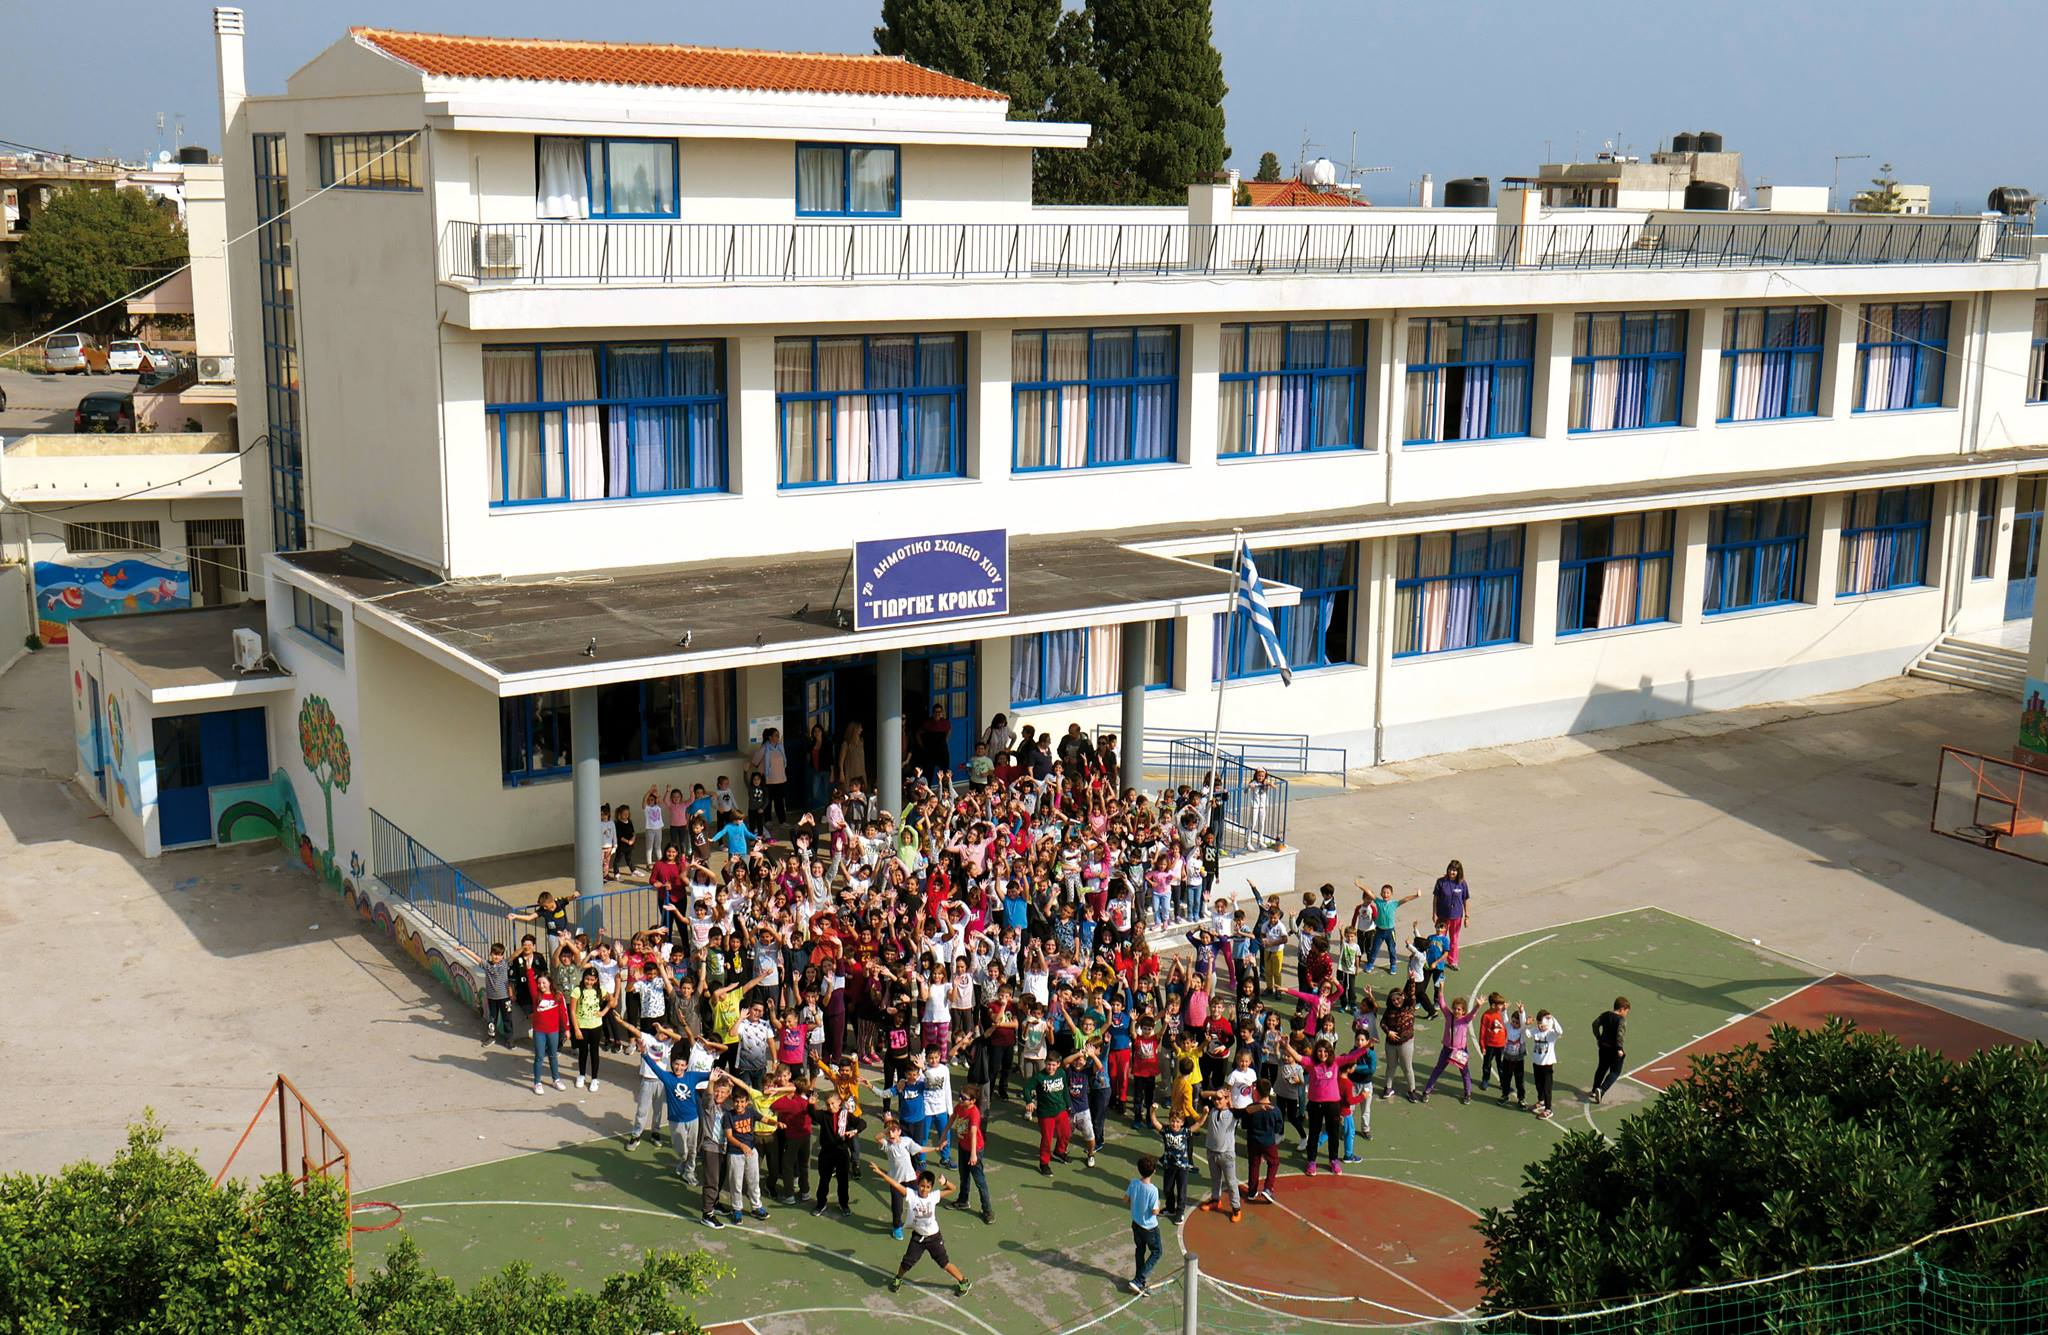 7ο Δημοτικό Σχολείο Χίου